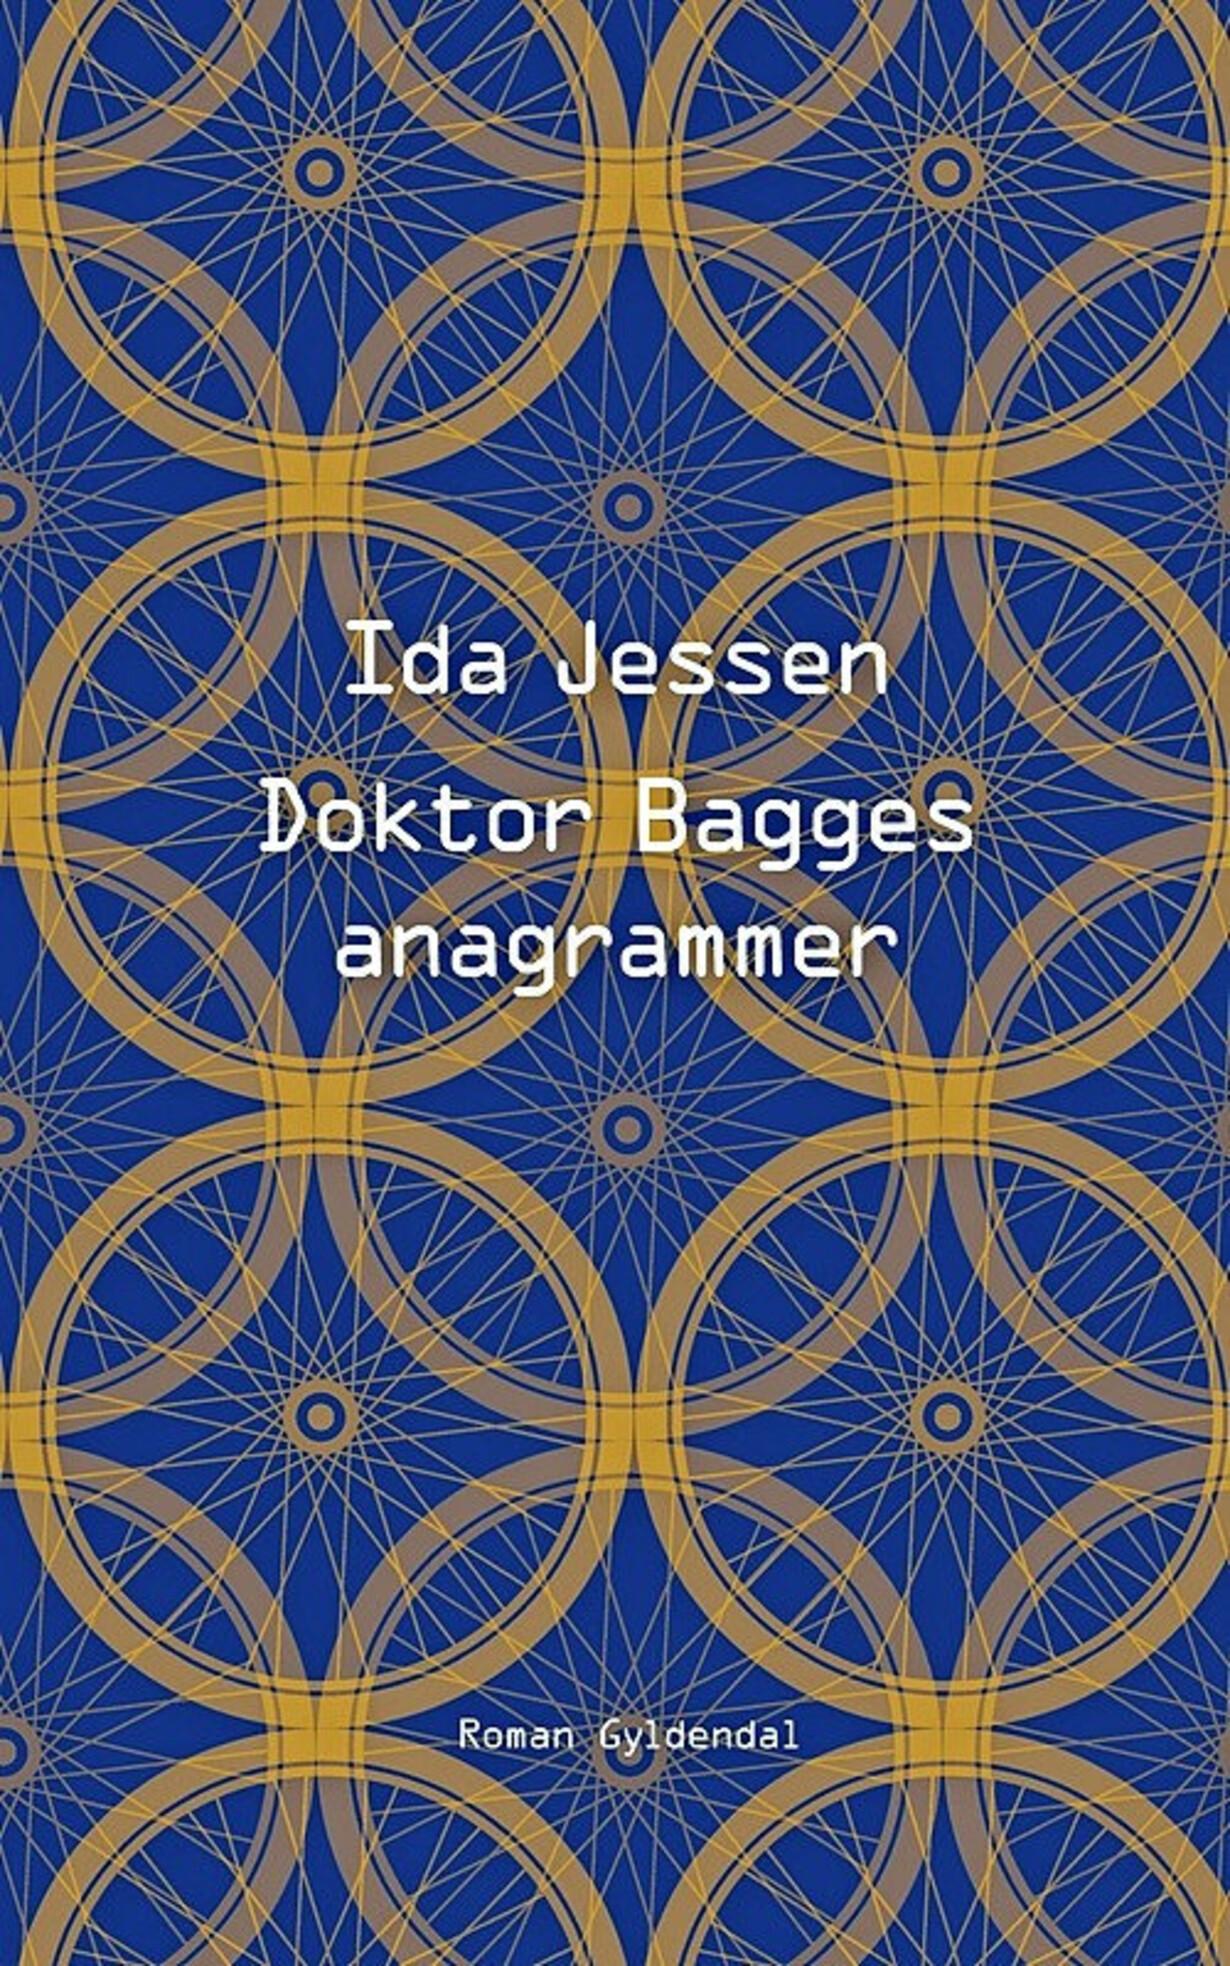 11BKUDOKTOR-BAGGES-132113.jpg